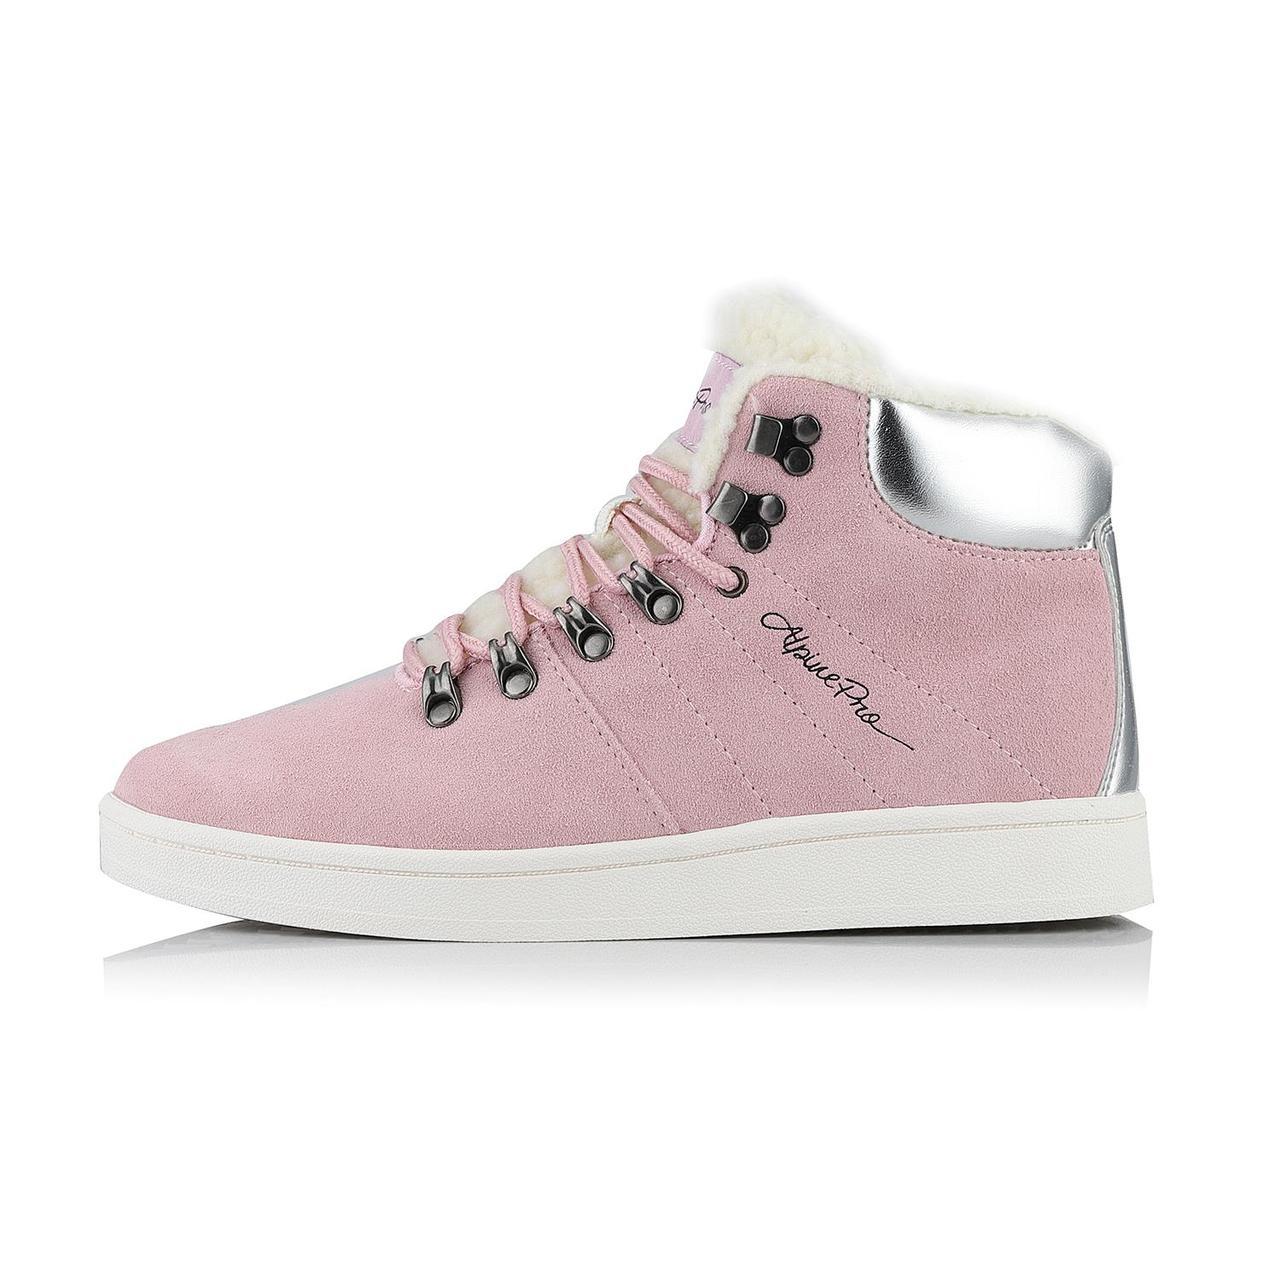 Ботинки MANDELTNA Розовый, 38 - фото 1